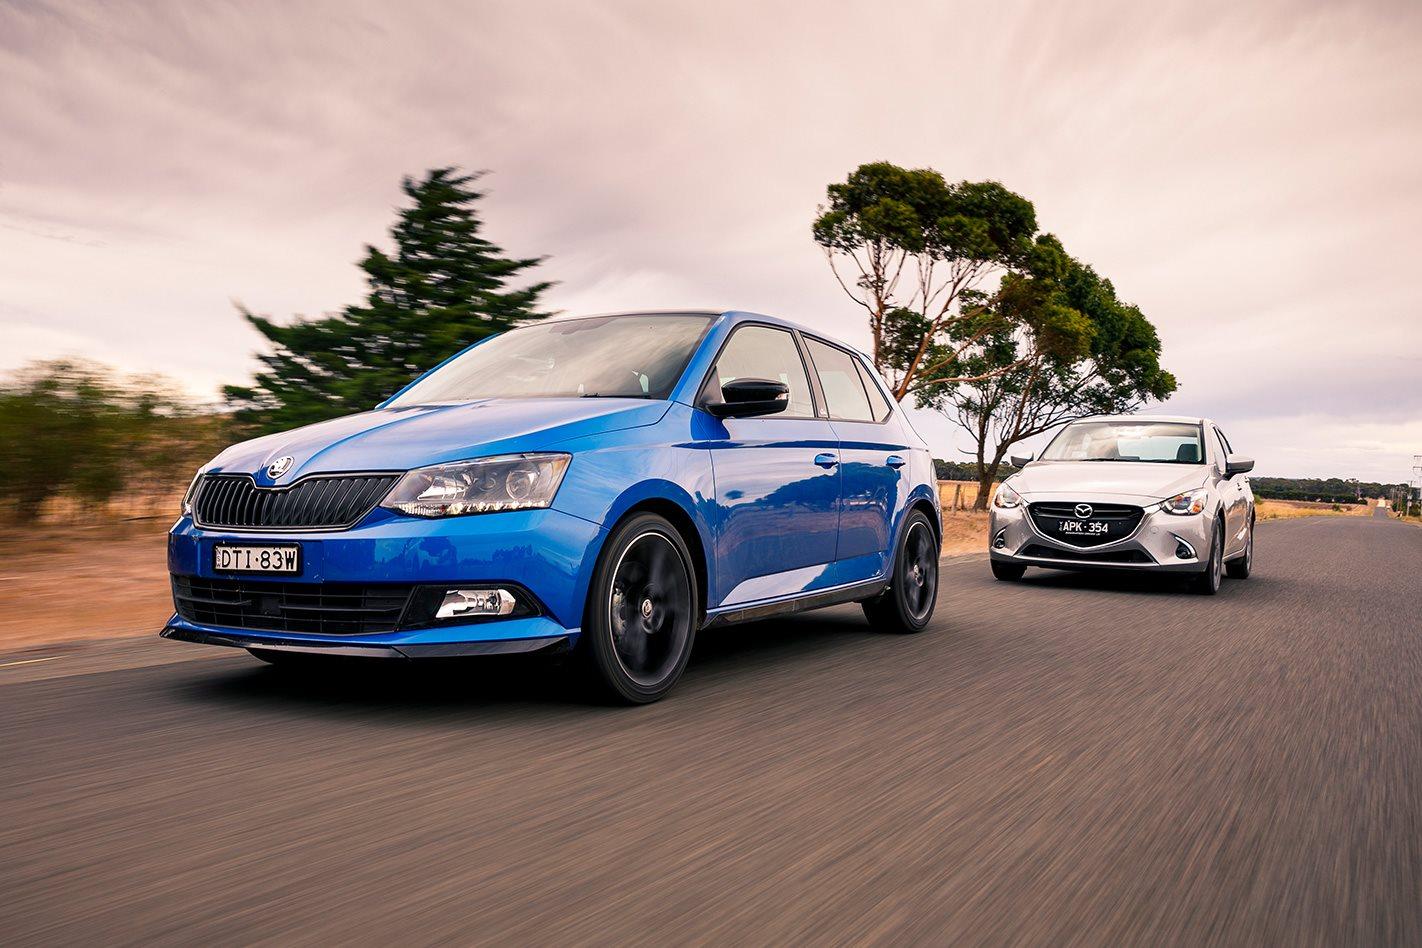 Volkswagen Polo V Mazda 2 Suzuki Swift Citroen C3 Skoda Fabia Monte Carlo Fuse Box Comparison Review